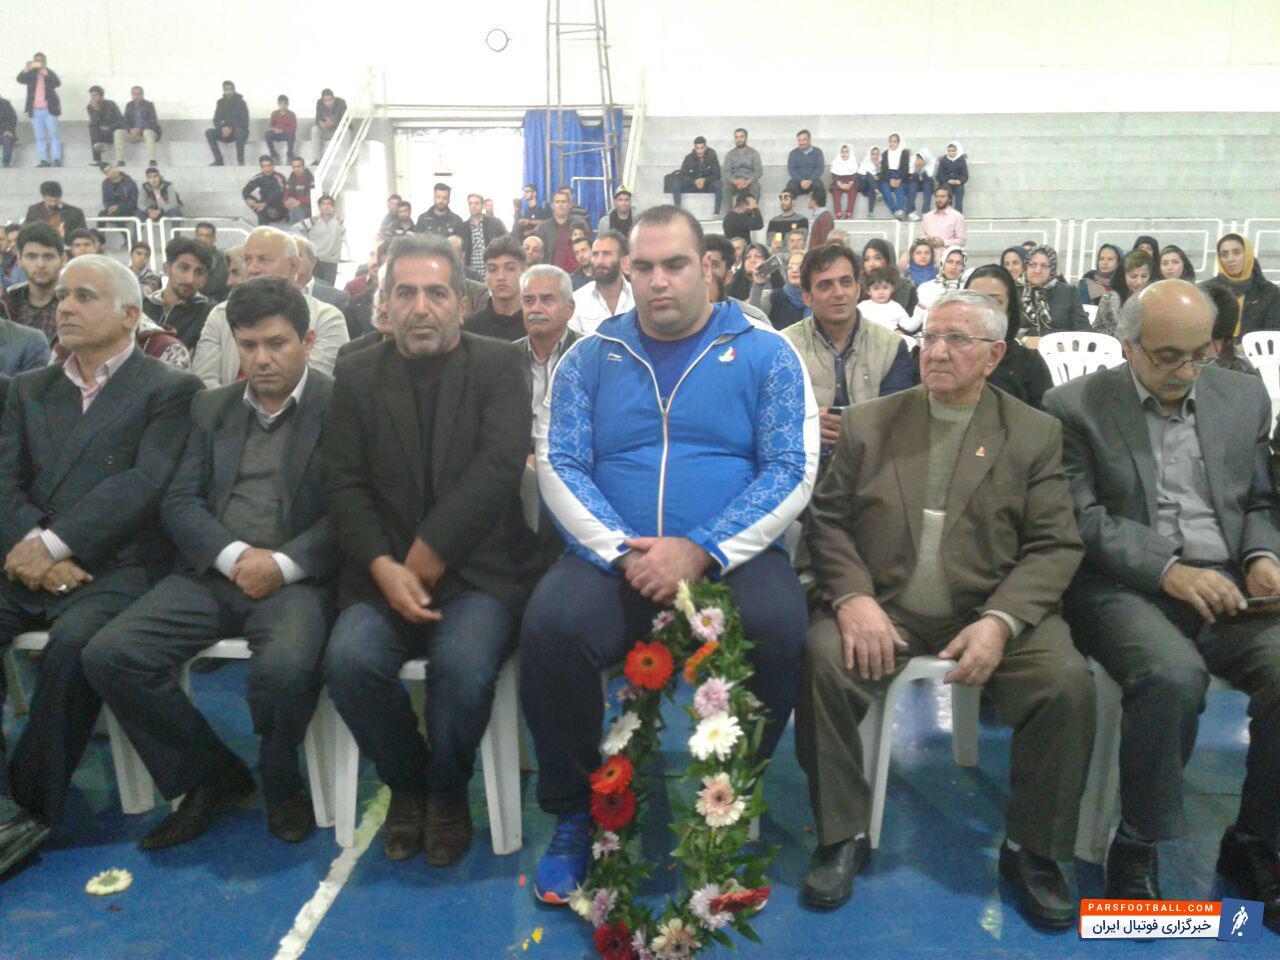 عکس ؛ مراسم استقبال بی نظیر از بهداد سلیمی در سالن تختی قائمشهر